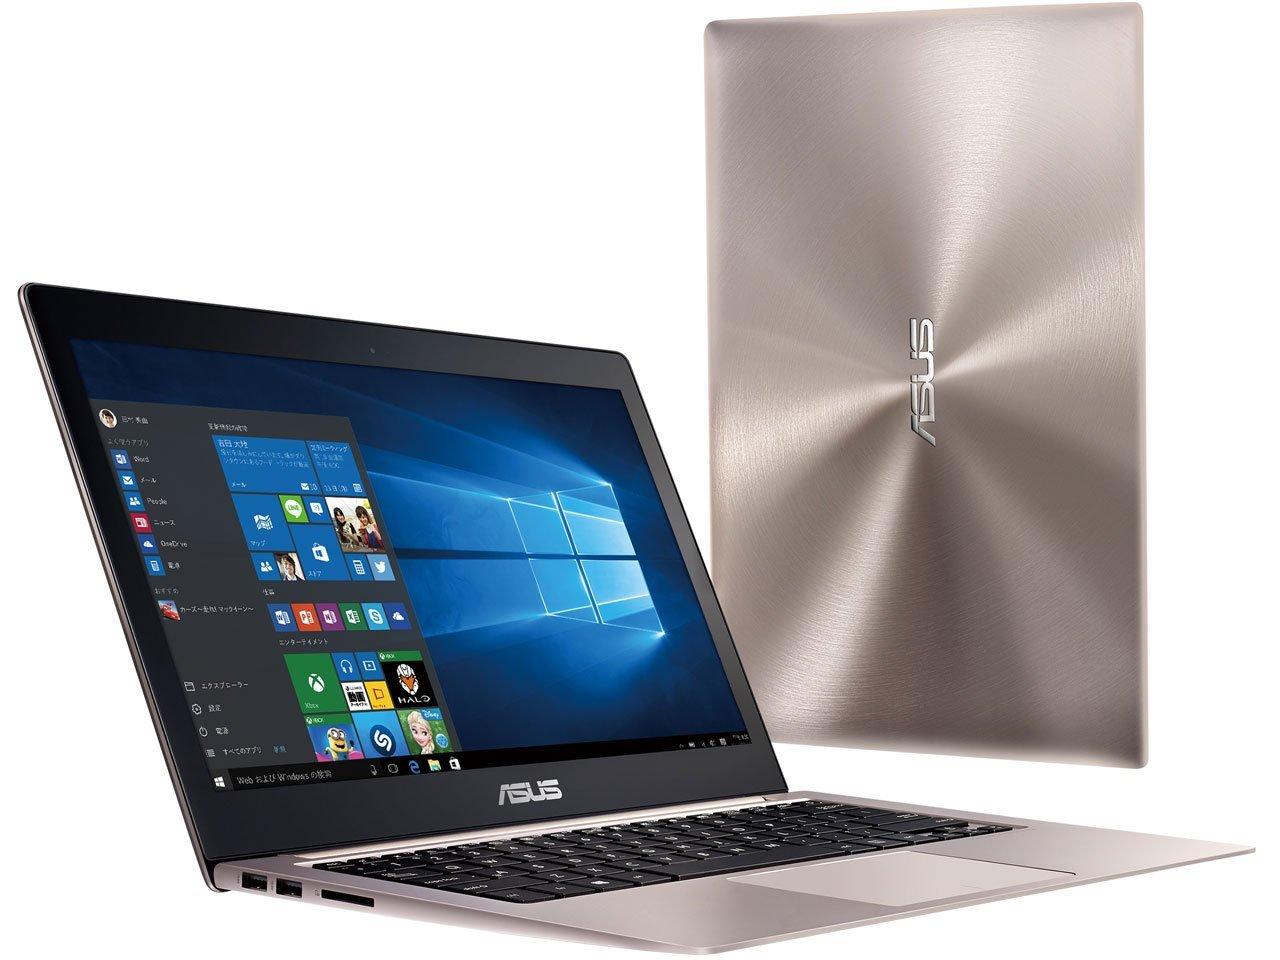 [12.5インチ・Core i5・メモリ 8GB・SSD 256GB] グレー ZenBook 3 【送料無料】 ASUS UX390UA-256GGR ノートパソコン